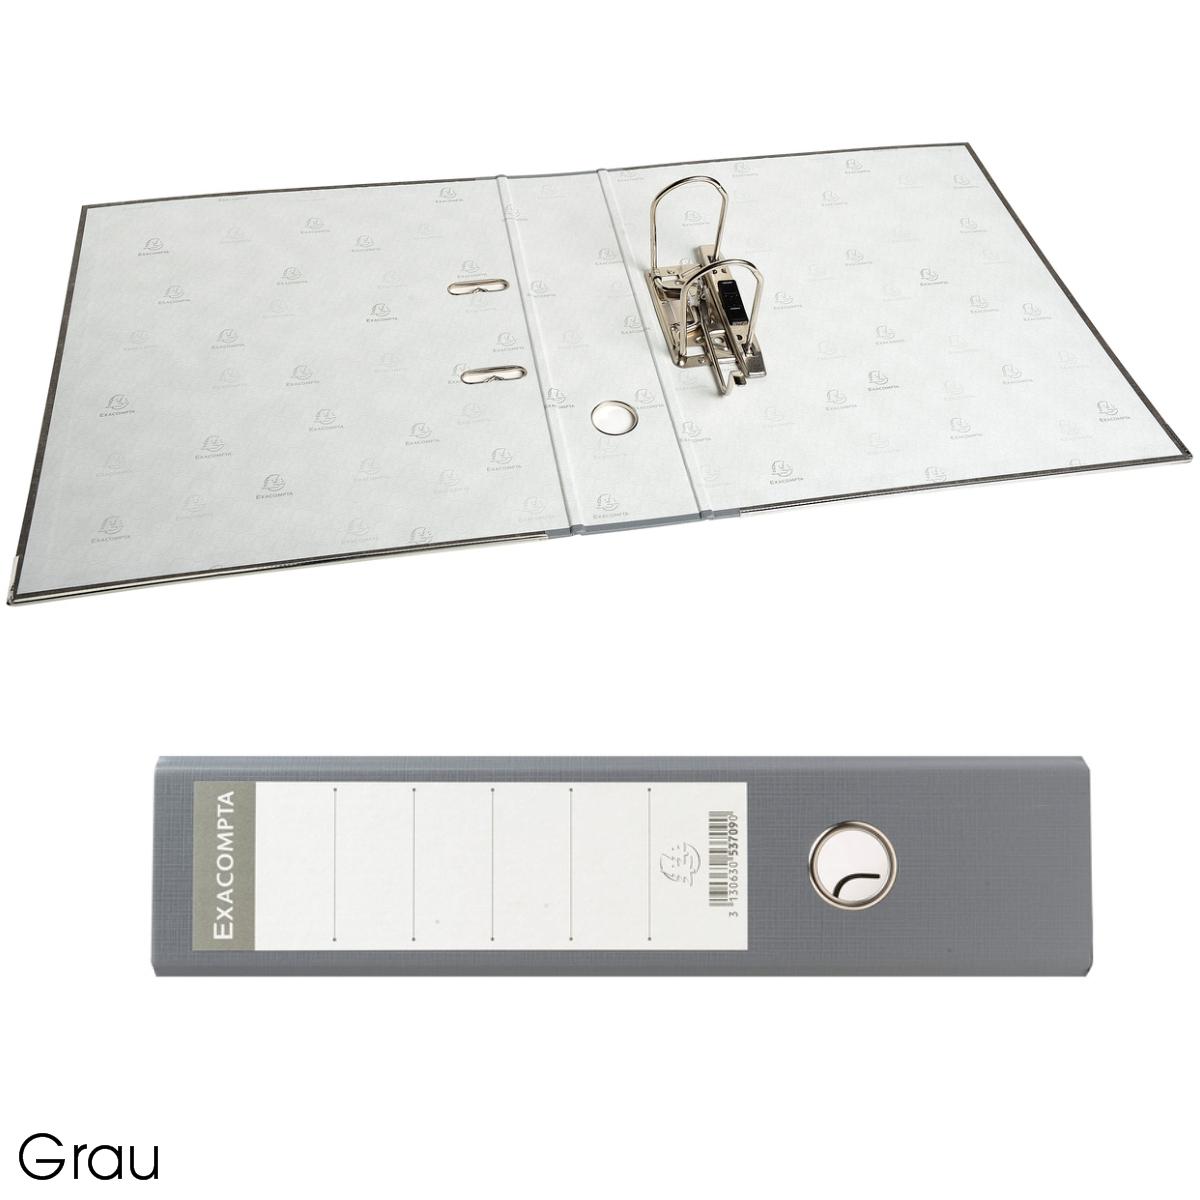 exacompta standard ordner din a4 ebay. Black Bedroom Furniture Sets. Home Design Ideas